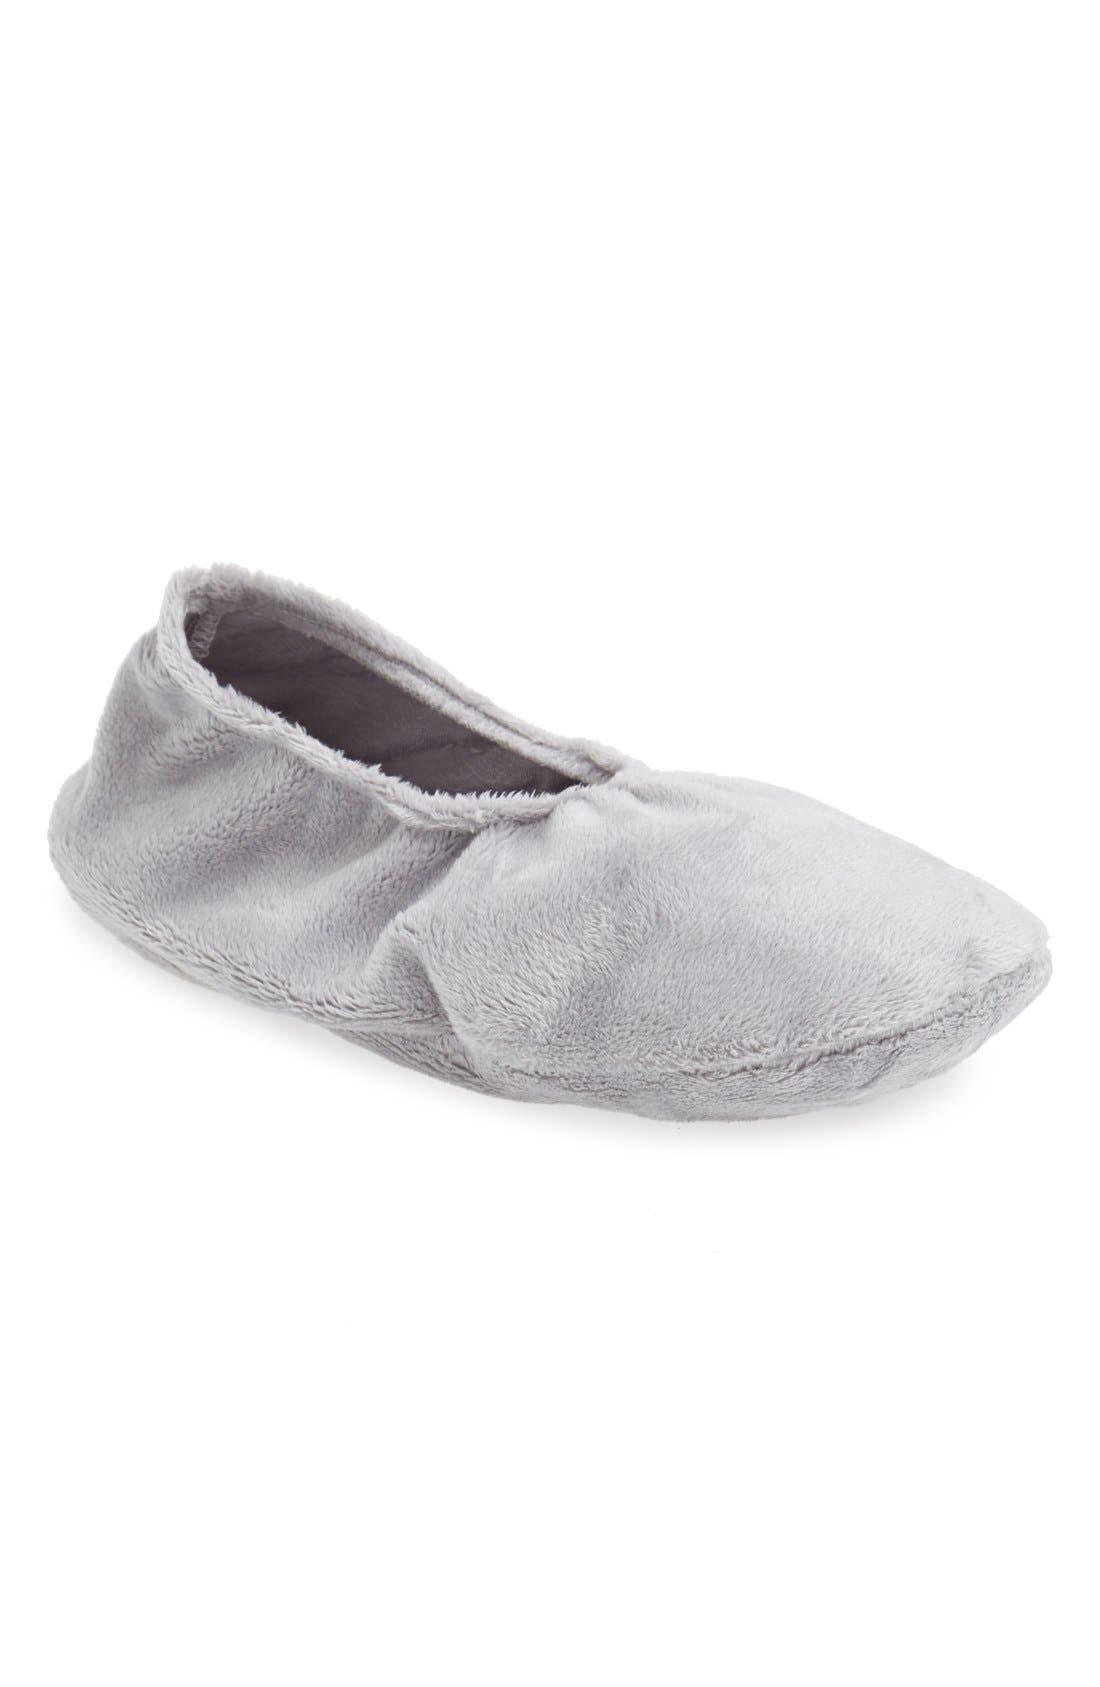 Sonoma Lavender Solid Silver Footies (Nordstrom Exclusive)